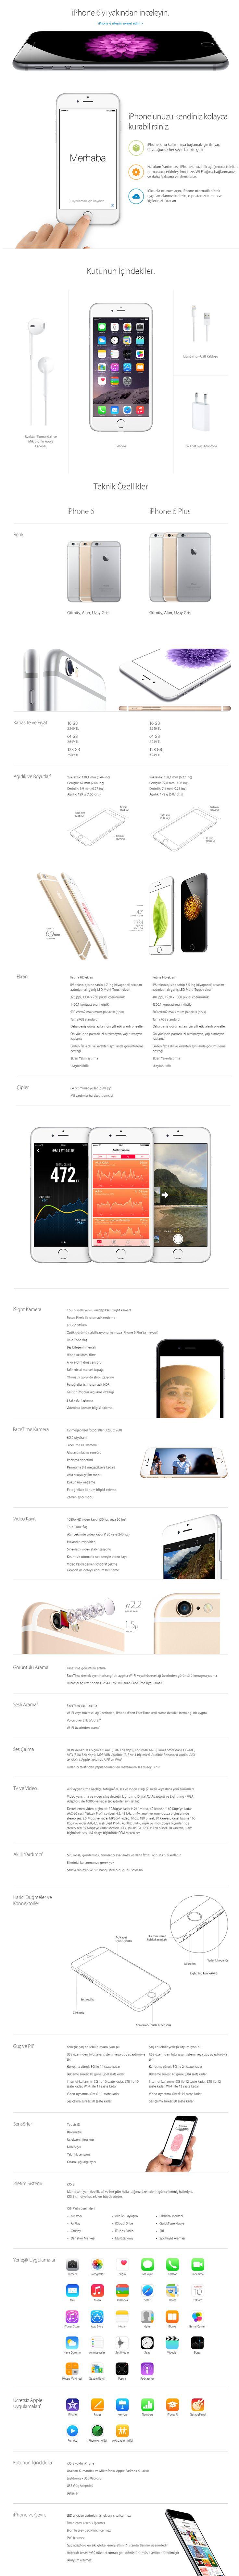 Apple iPhone 6 16 GB Space Gray ( Apple Türkiye Garantilidir ) :: Zinde Market